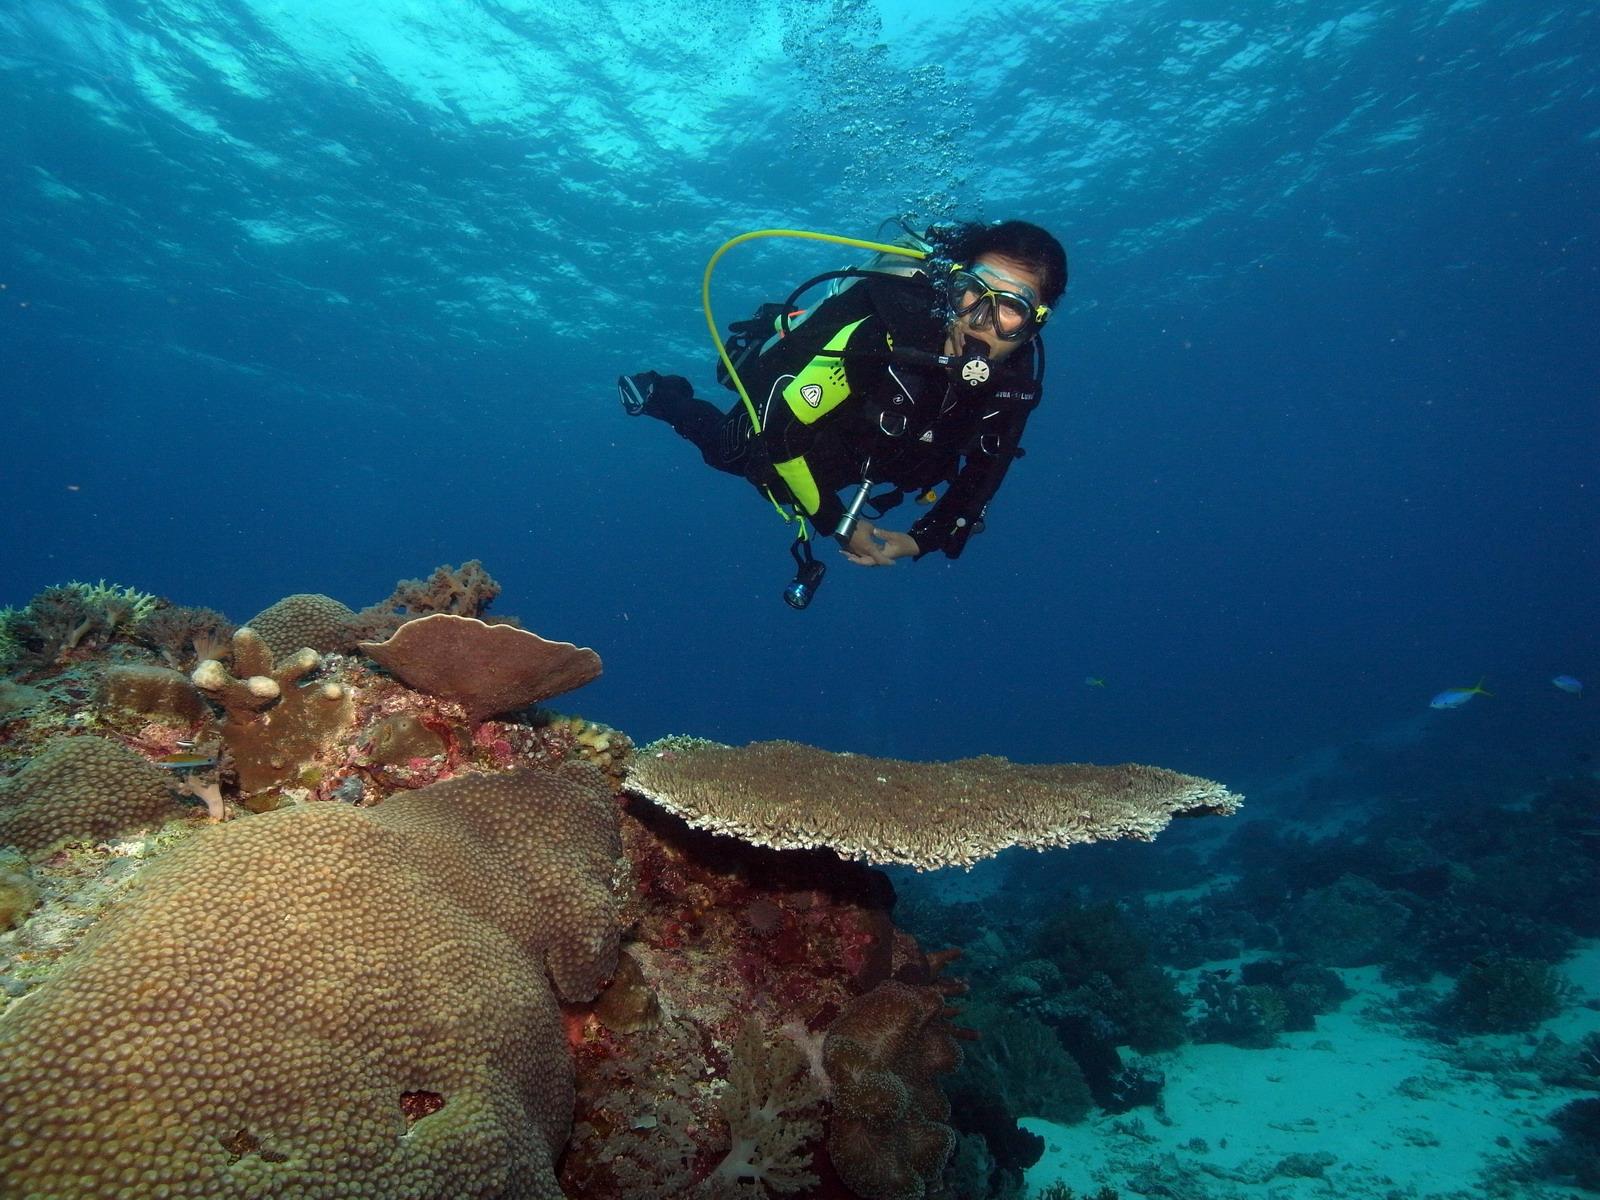 Taucher mit perfekter Tarierung über Riff